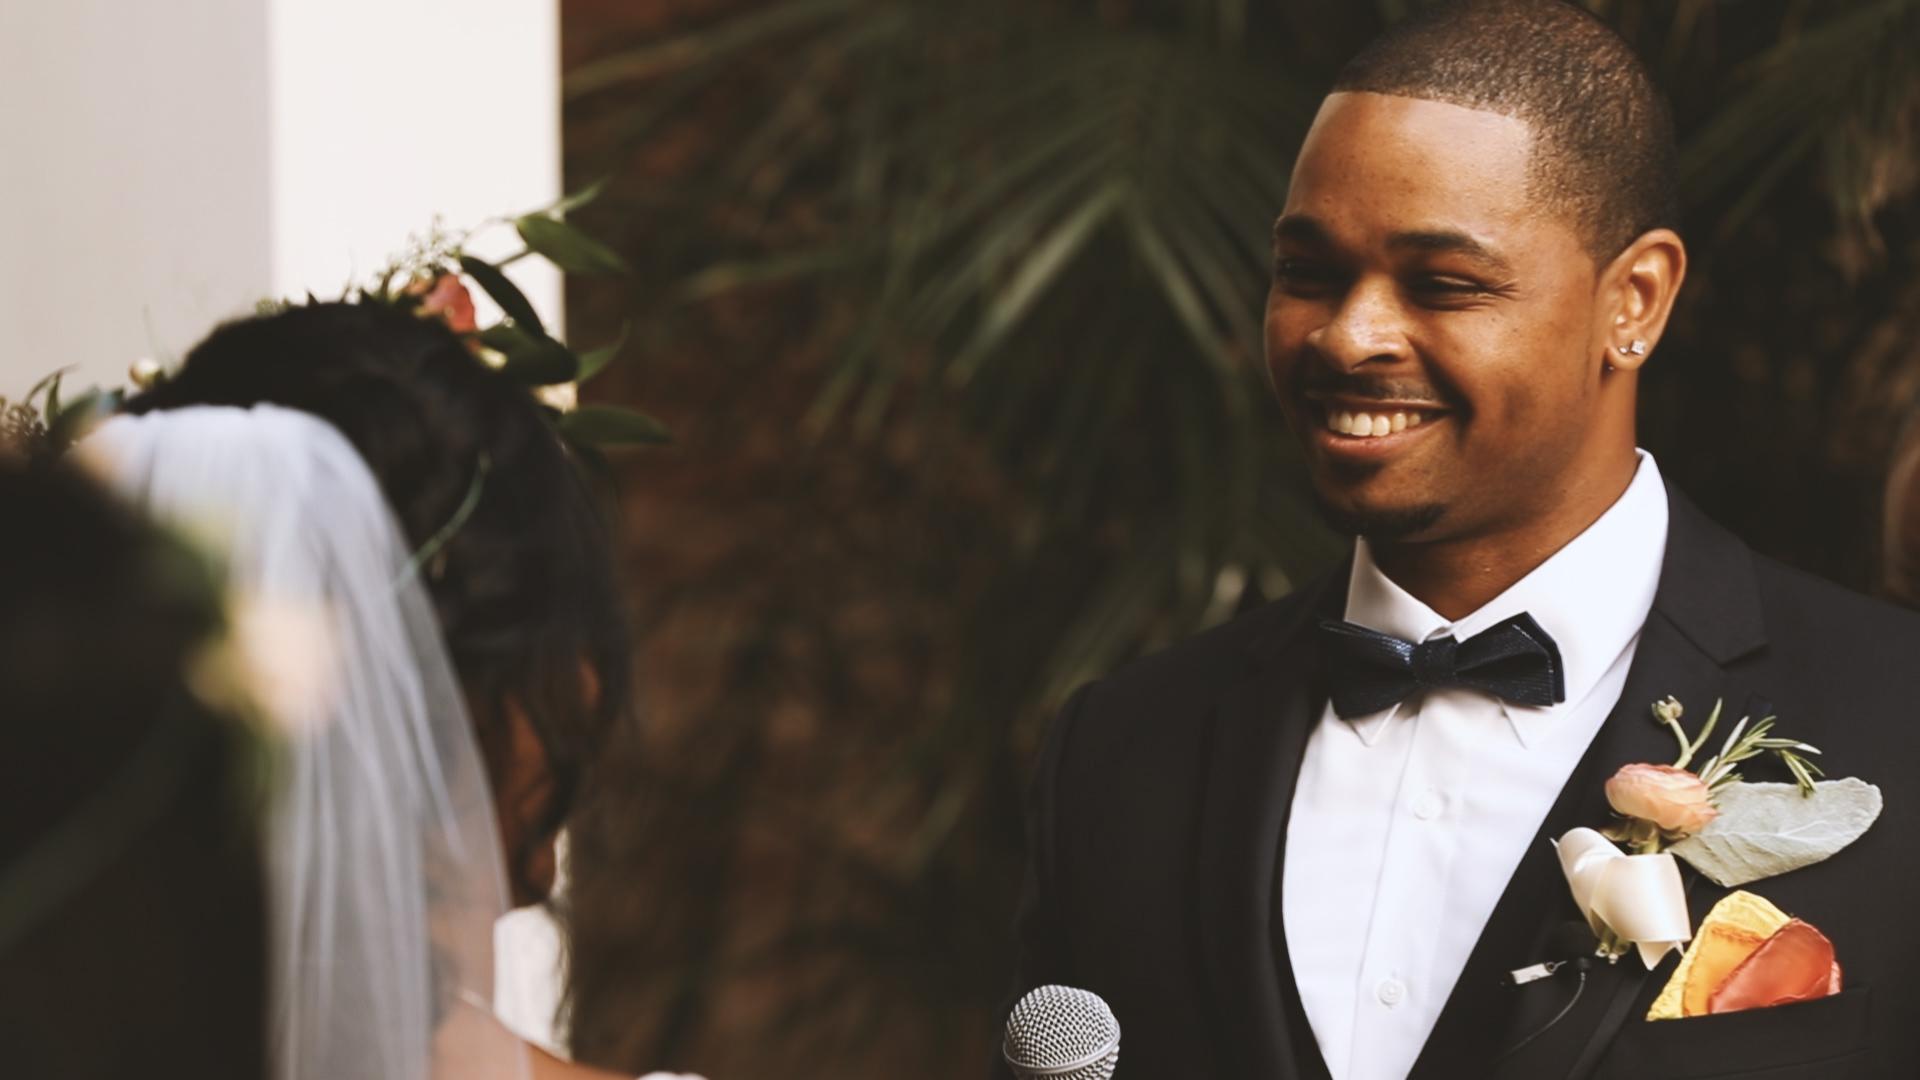 Wedding Vows - Bride Film